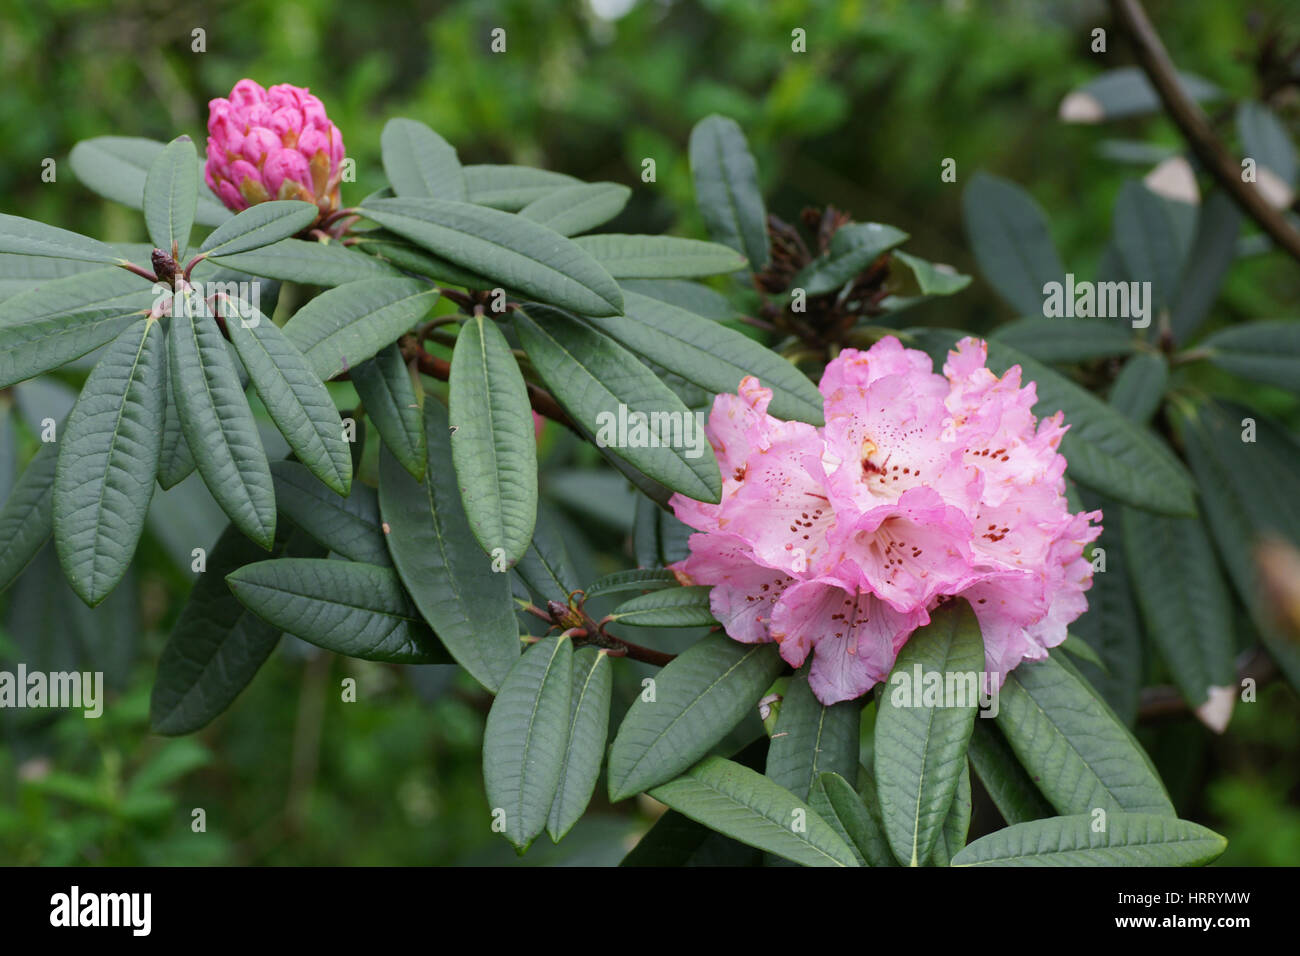 Rhododendron arboreum ssp. cinnamomeum var. roseum - Stock Image